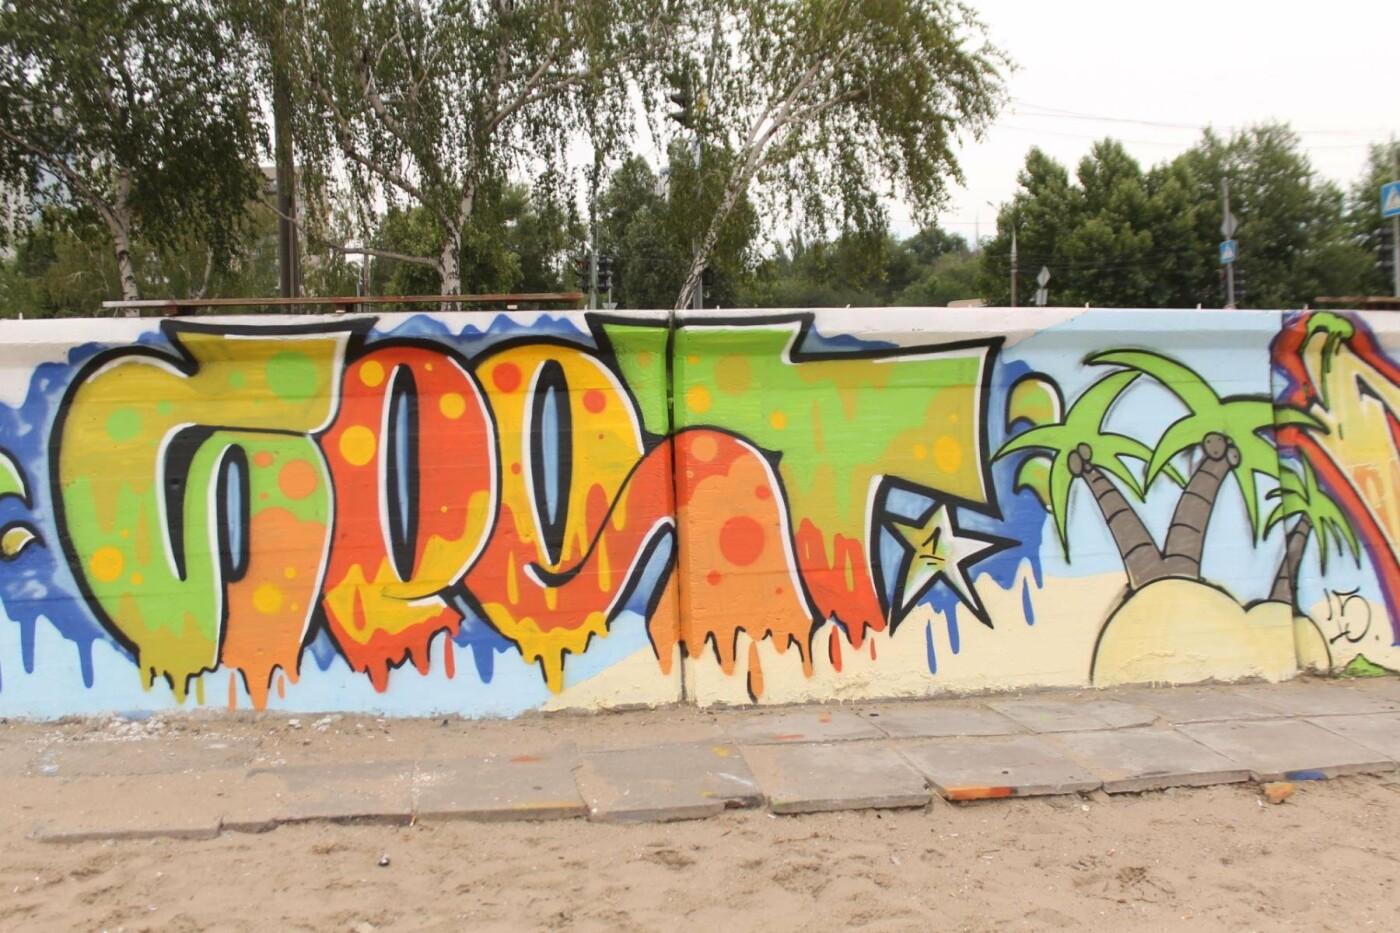 В Запорожье на пляже закончился фестиваль граффити: разрисовали 150 метров бетонной стены, – ФОТОРЕПОРТАЖ, фото-52